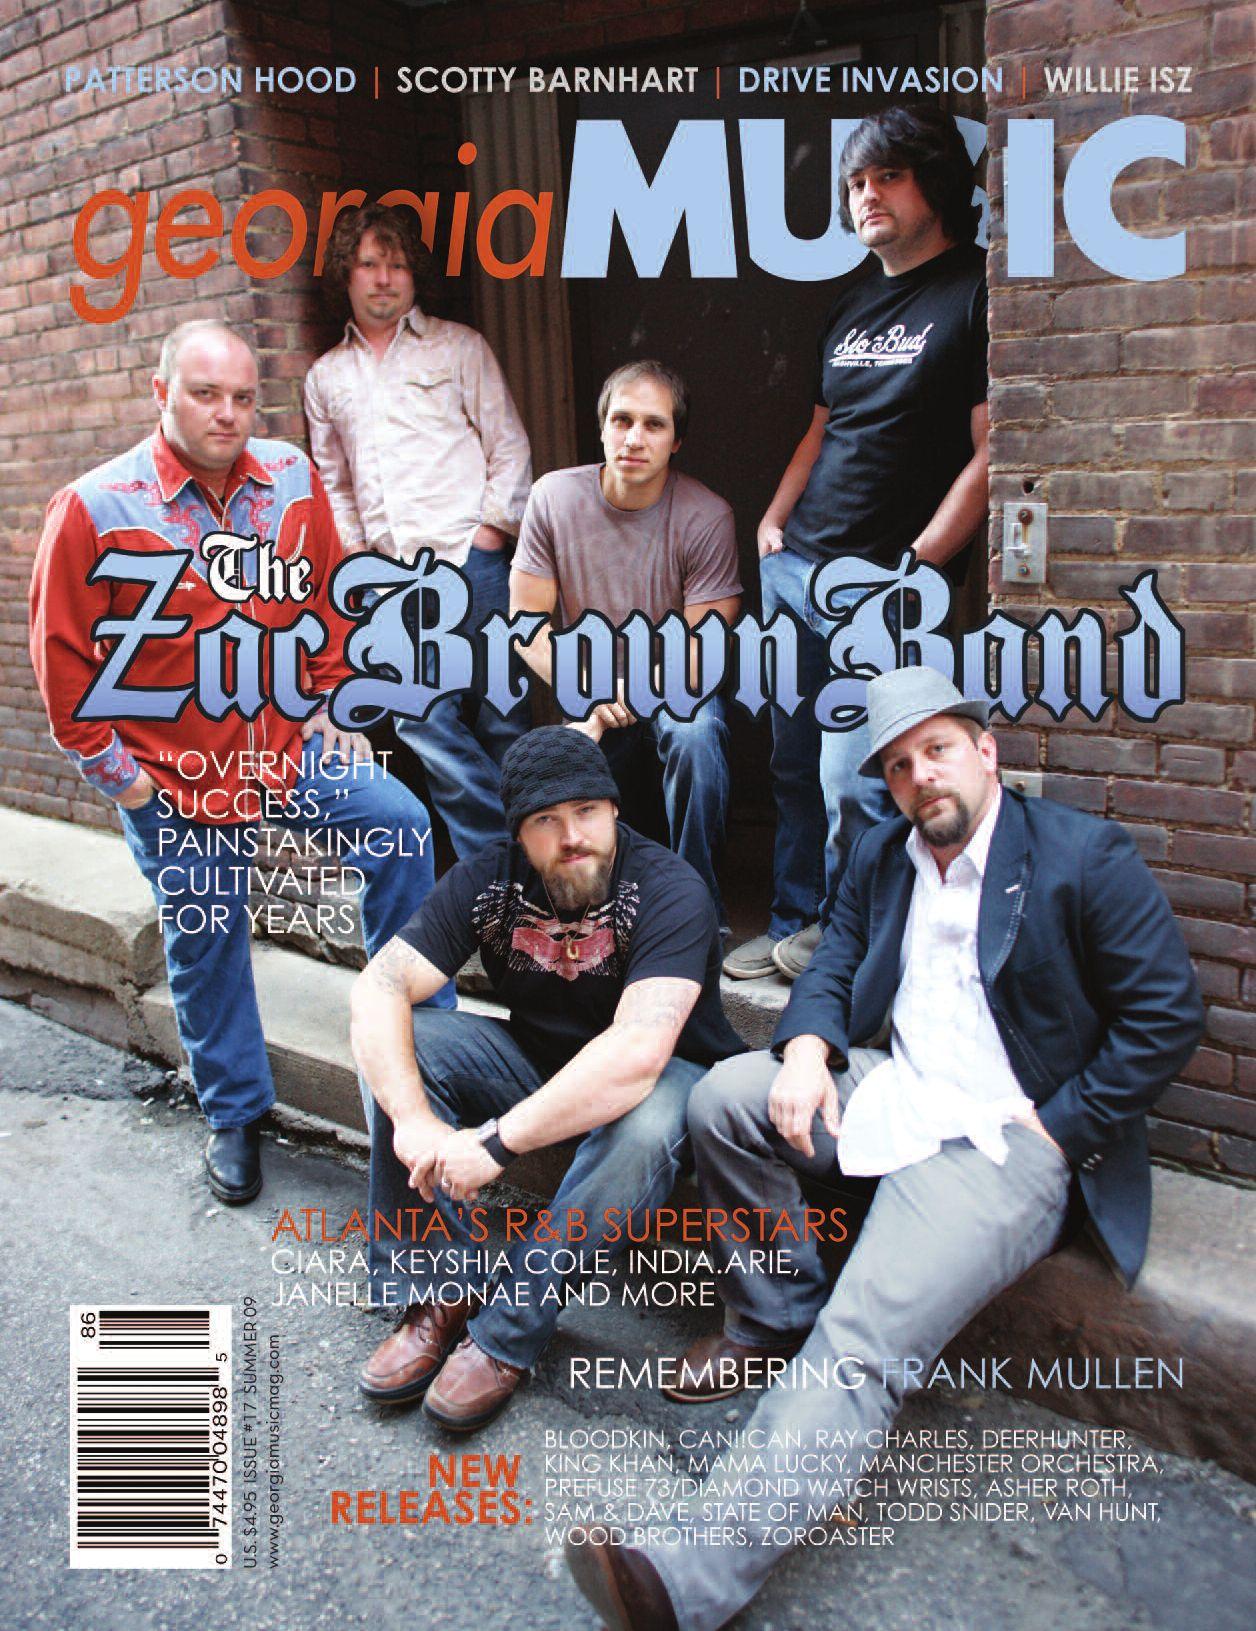 Georgia music magazine summer 09 by the brainstorm lab issuu izmirmasajfo